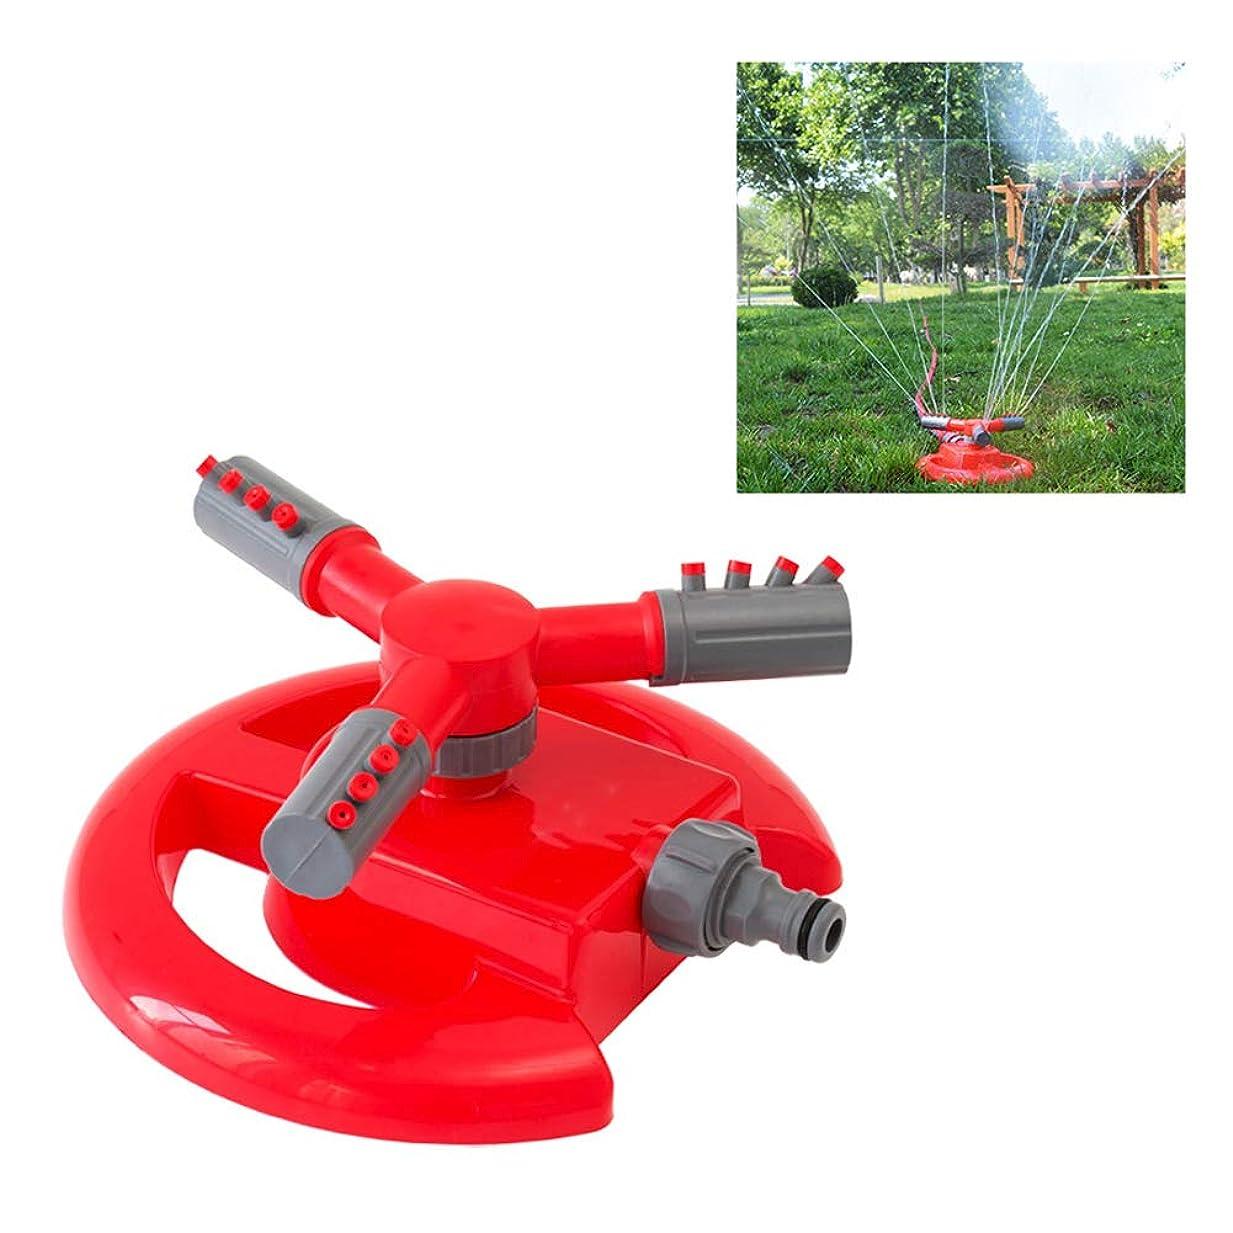 必要としている研磨剤ダーリン芝生スプリンクラー、ガーデンスプリンクラー360°自動回転水スプリンクラーシステムアジャスタブル屋外自動スプリンクラー芝生灌漑システム